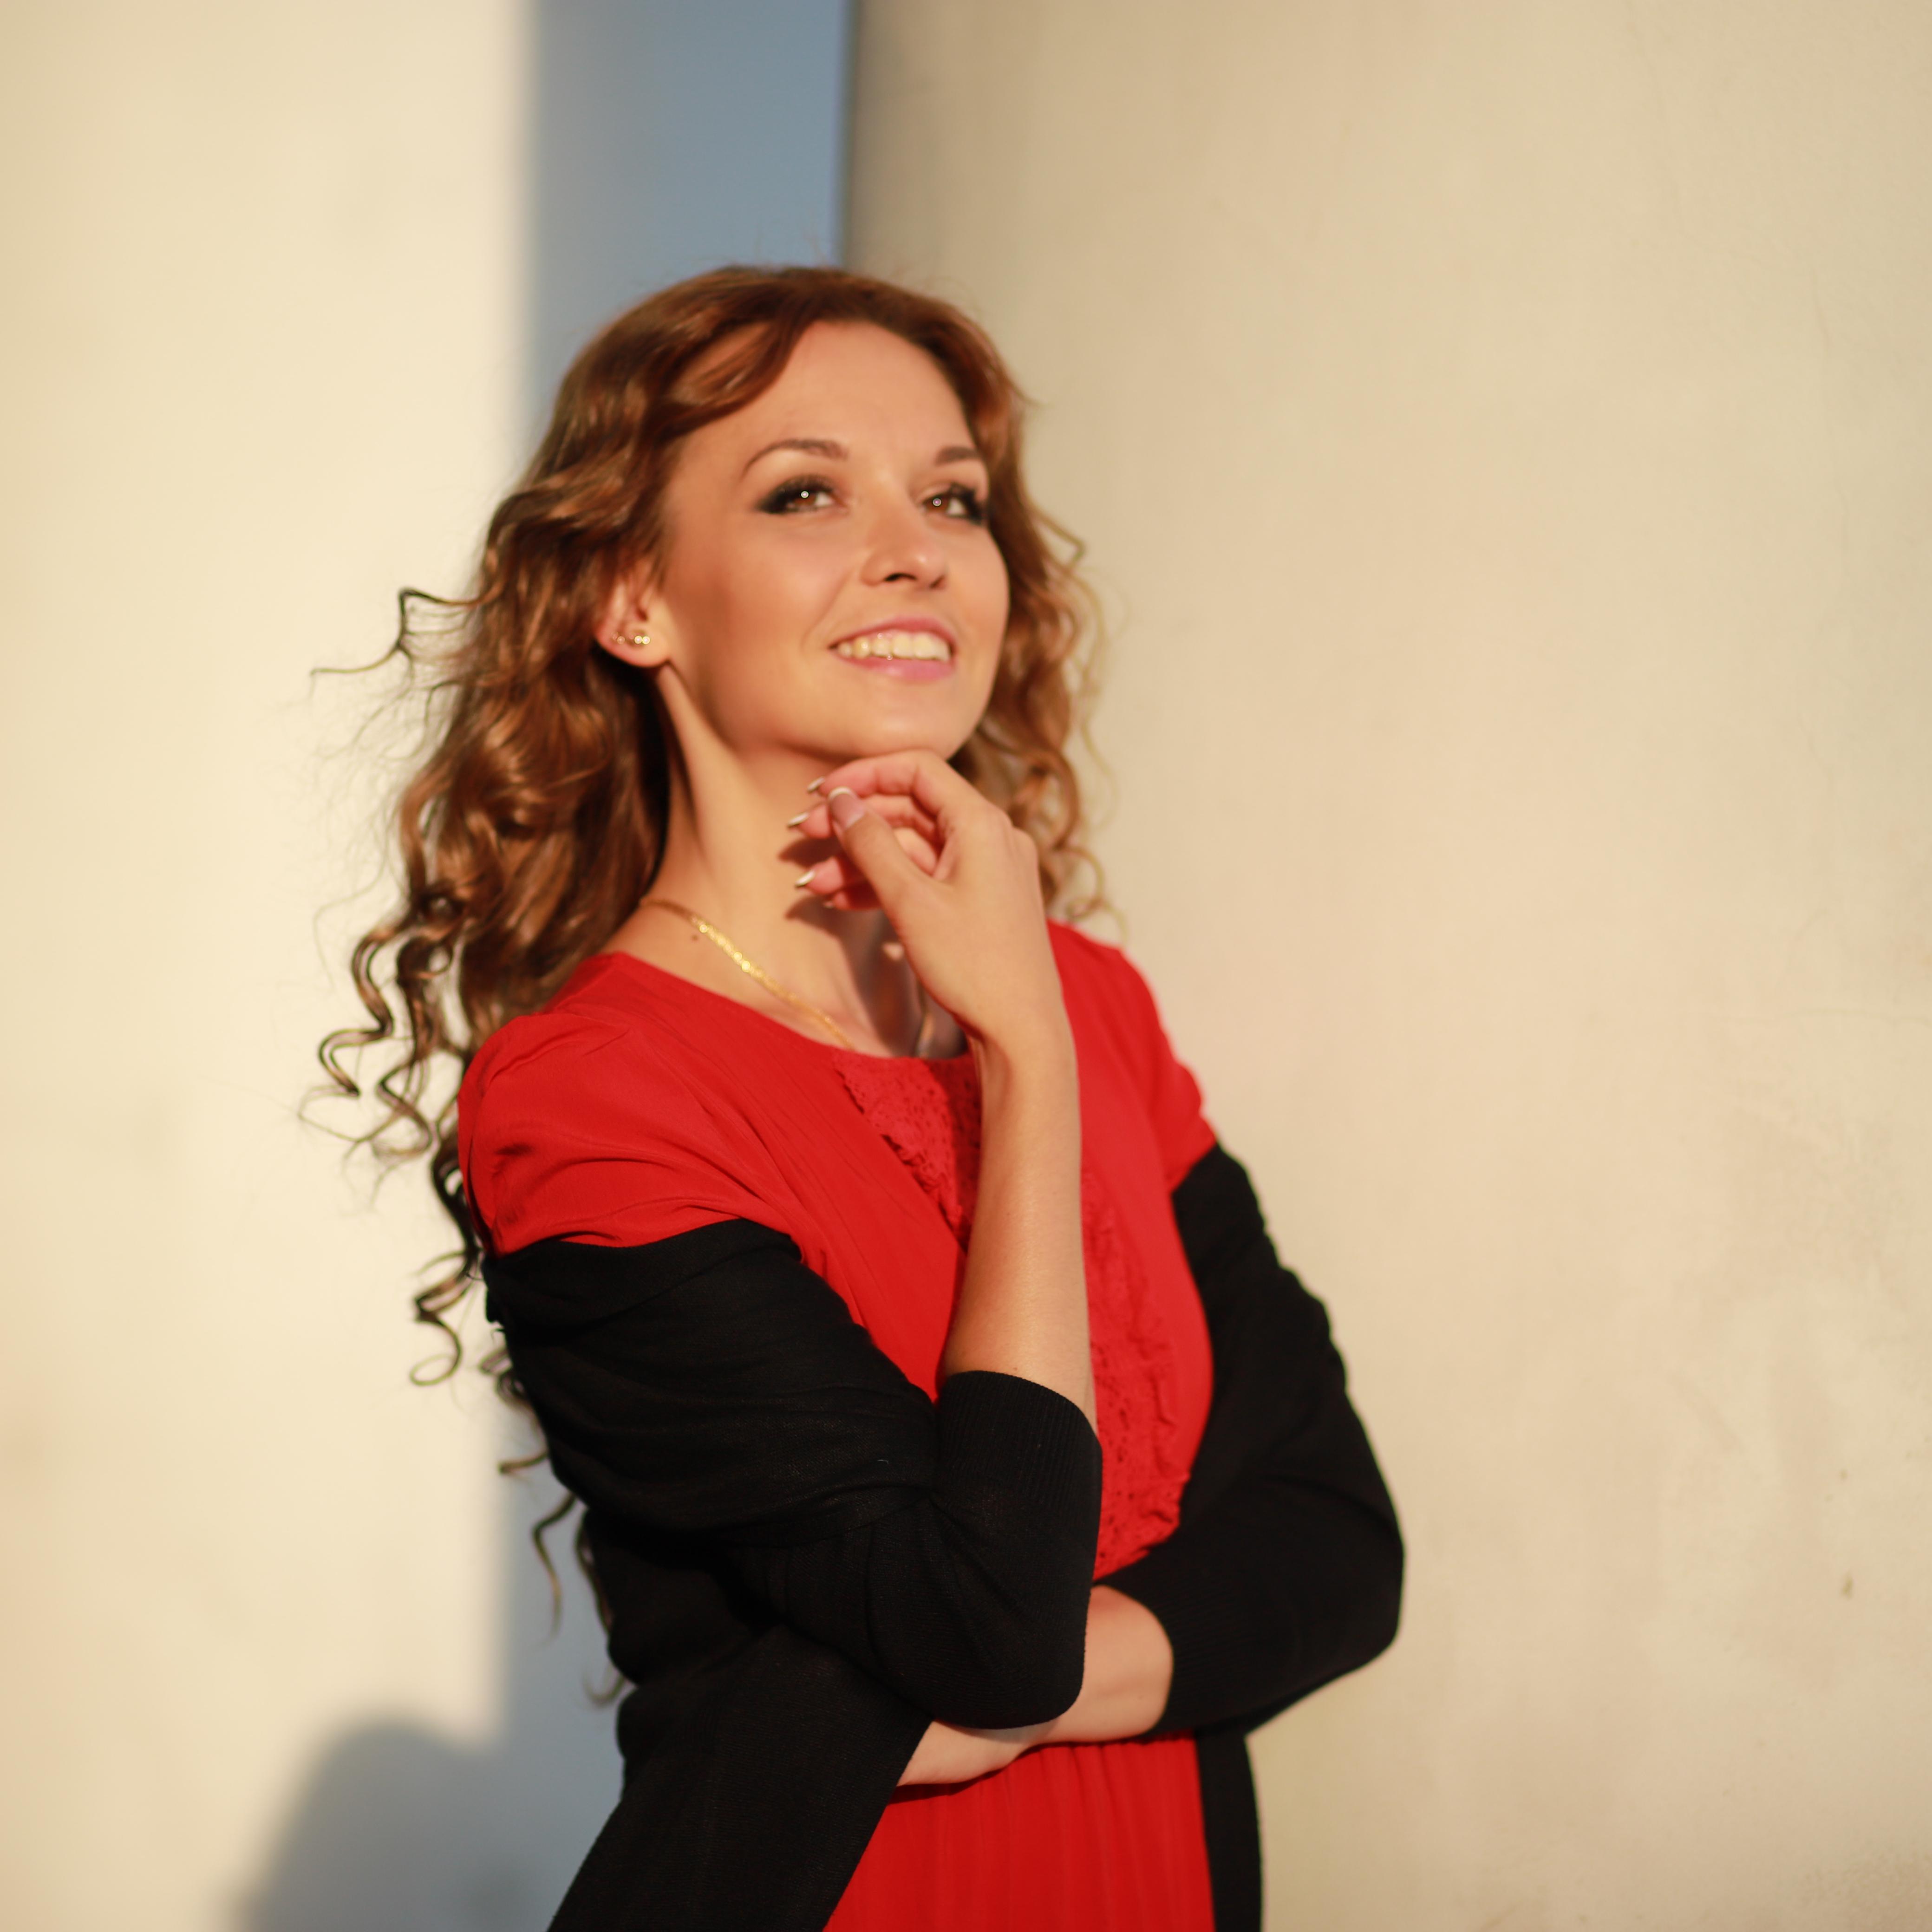 Фото Репетитора: Анна, 32 года